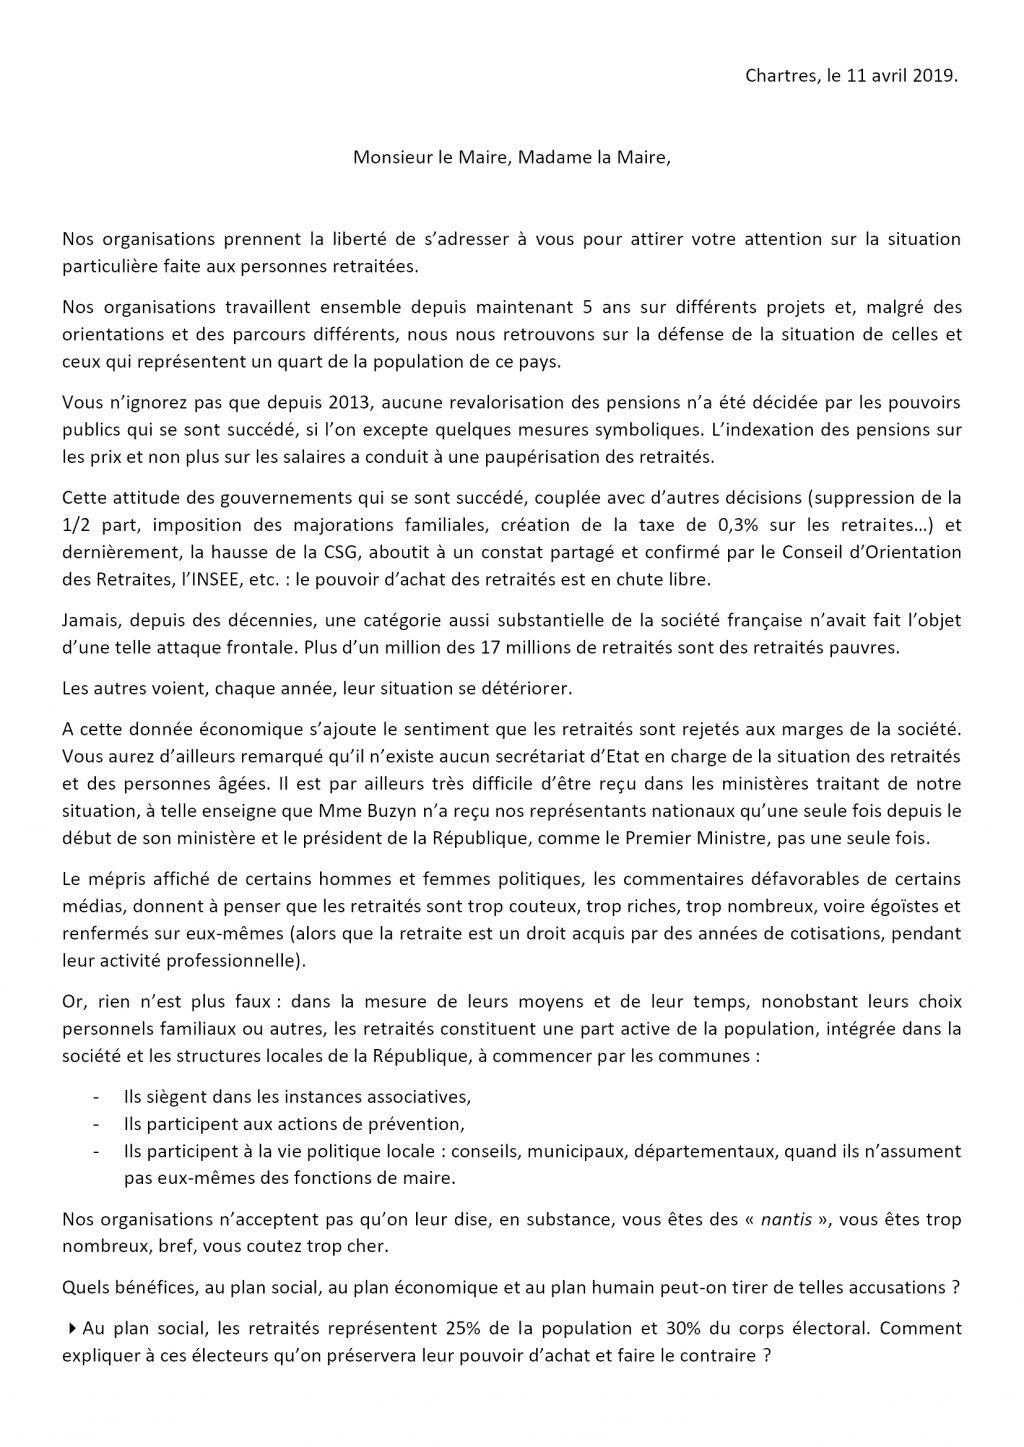 Retraités Intersyndicale28 2019 04 11 Lettre aux élus Eure-et-Loir R